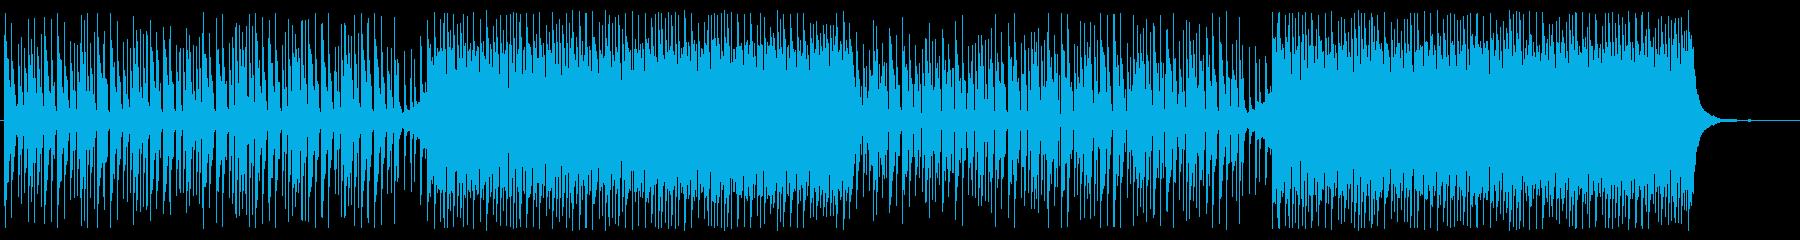 ミステリアス テクノロジー CMや映像にの再生済みの波形